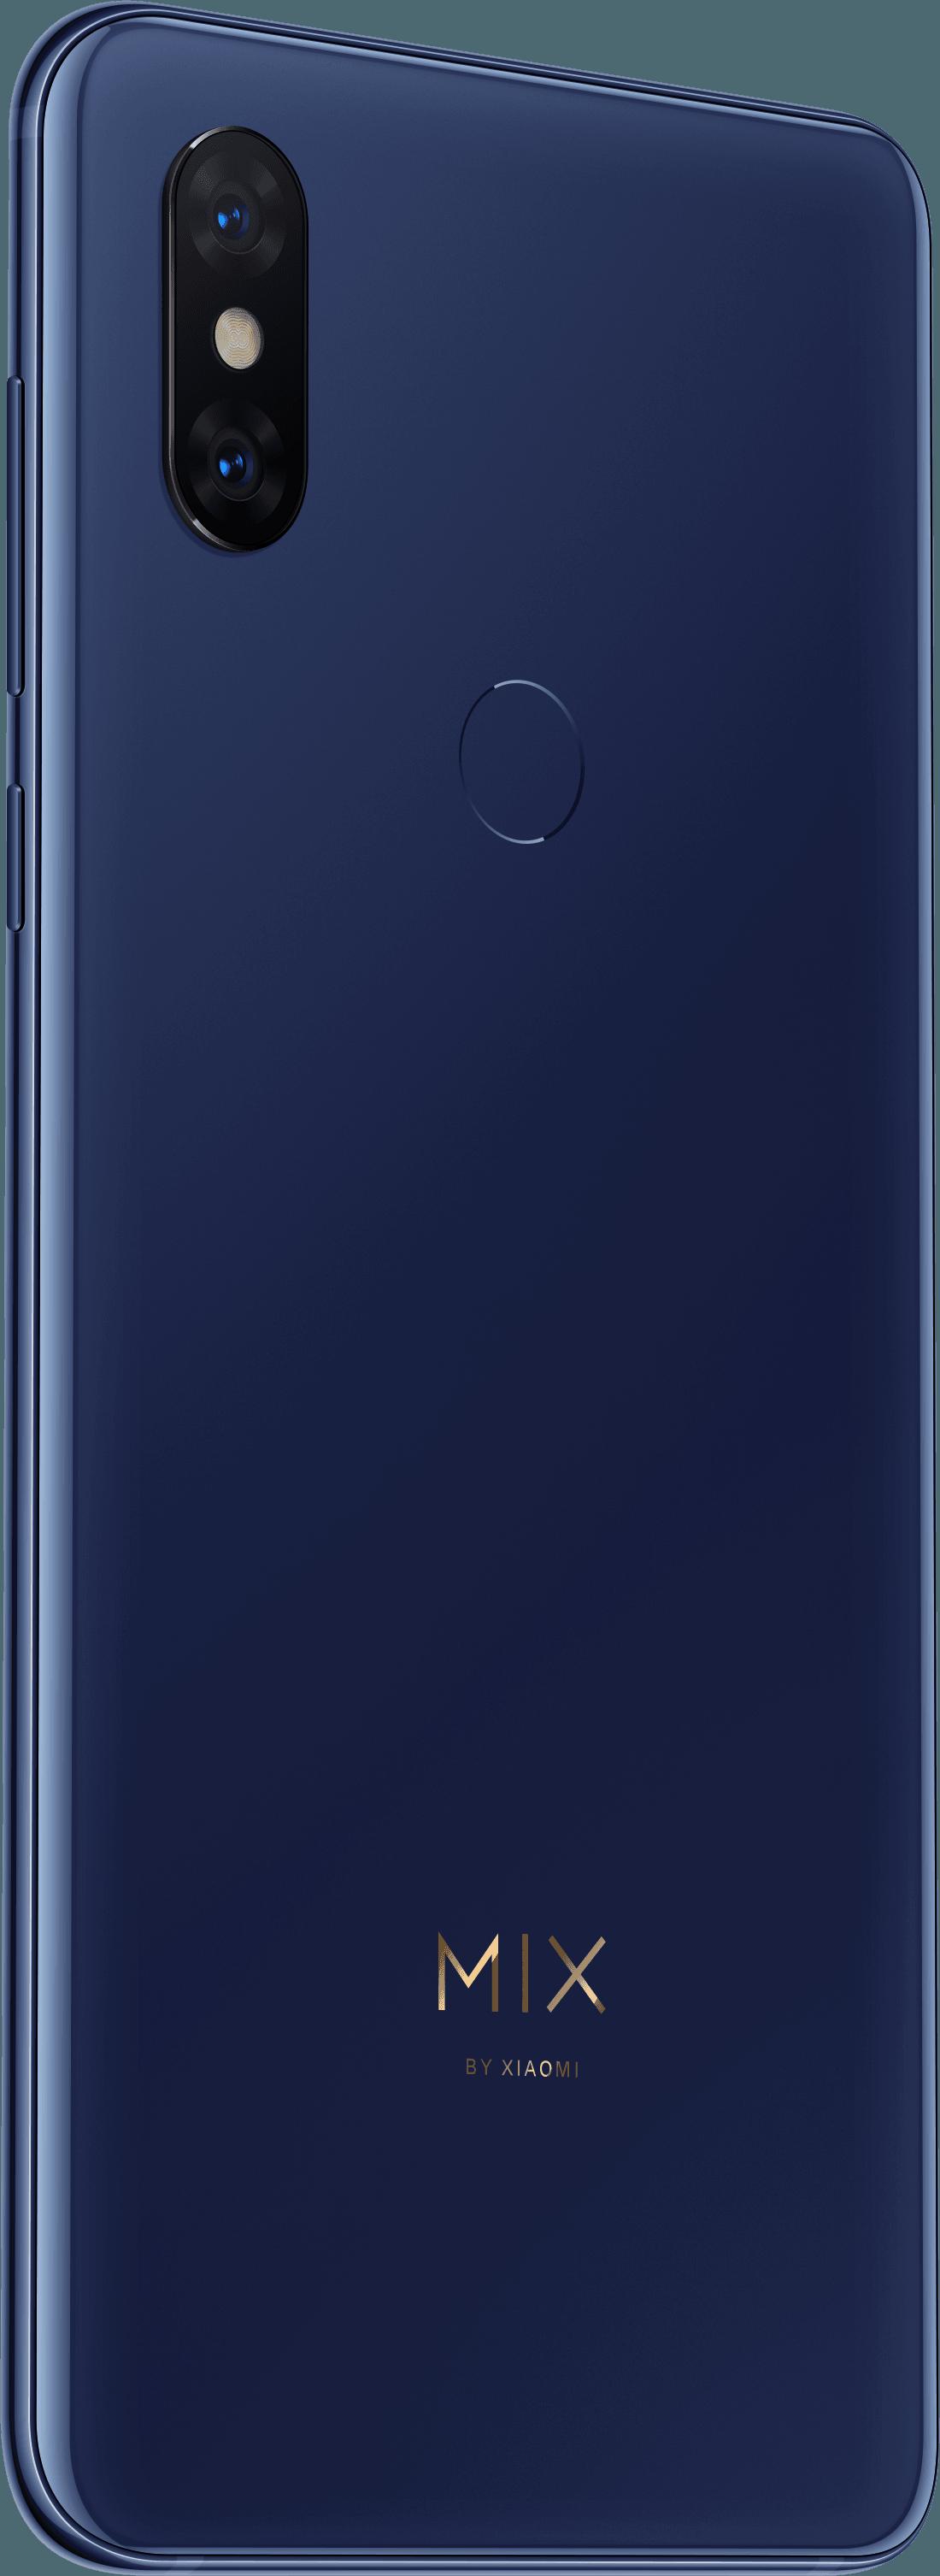 Mi MIX 3 5G, il primo smartphone 5G disponibile in Italia